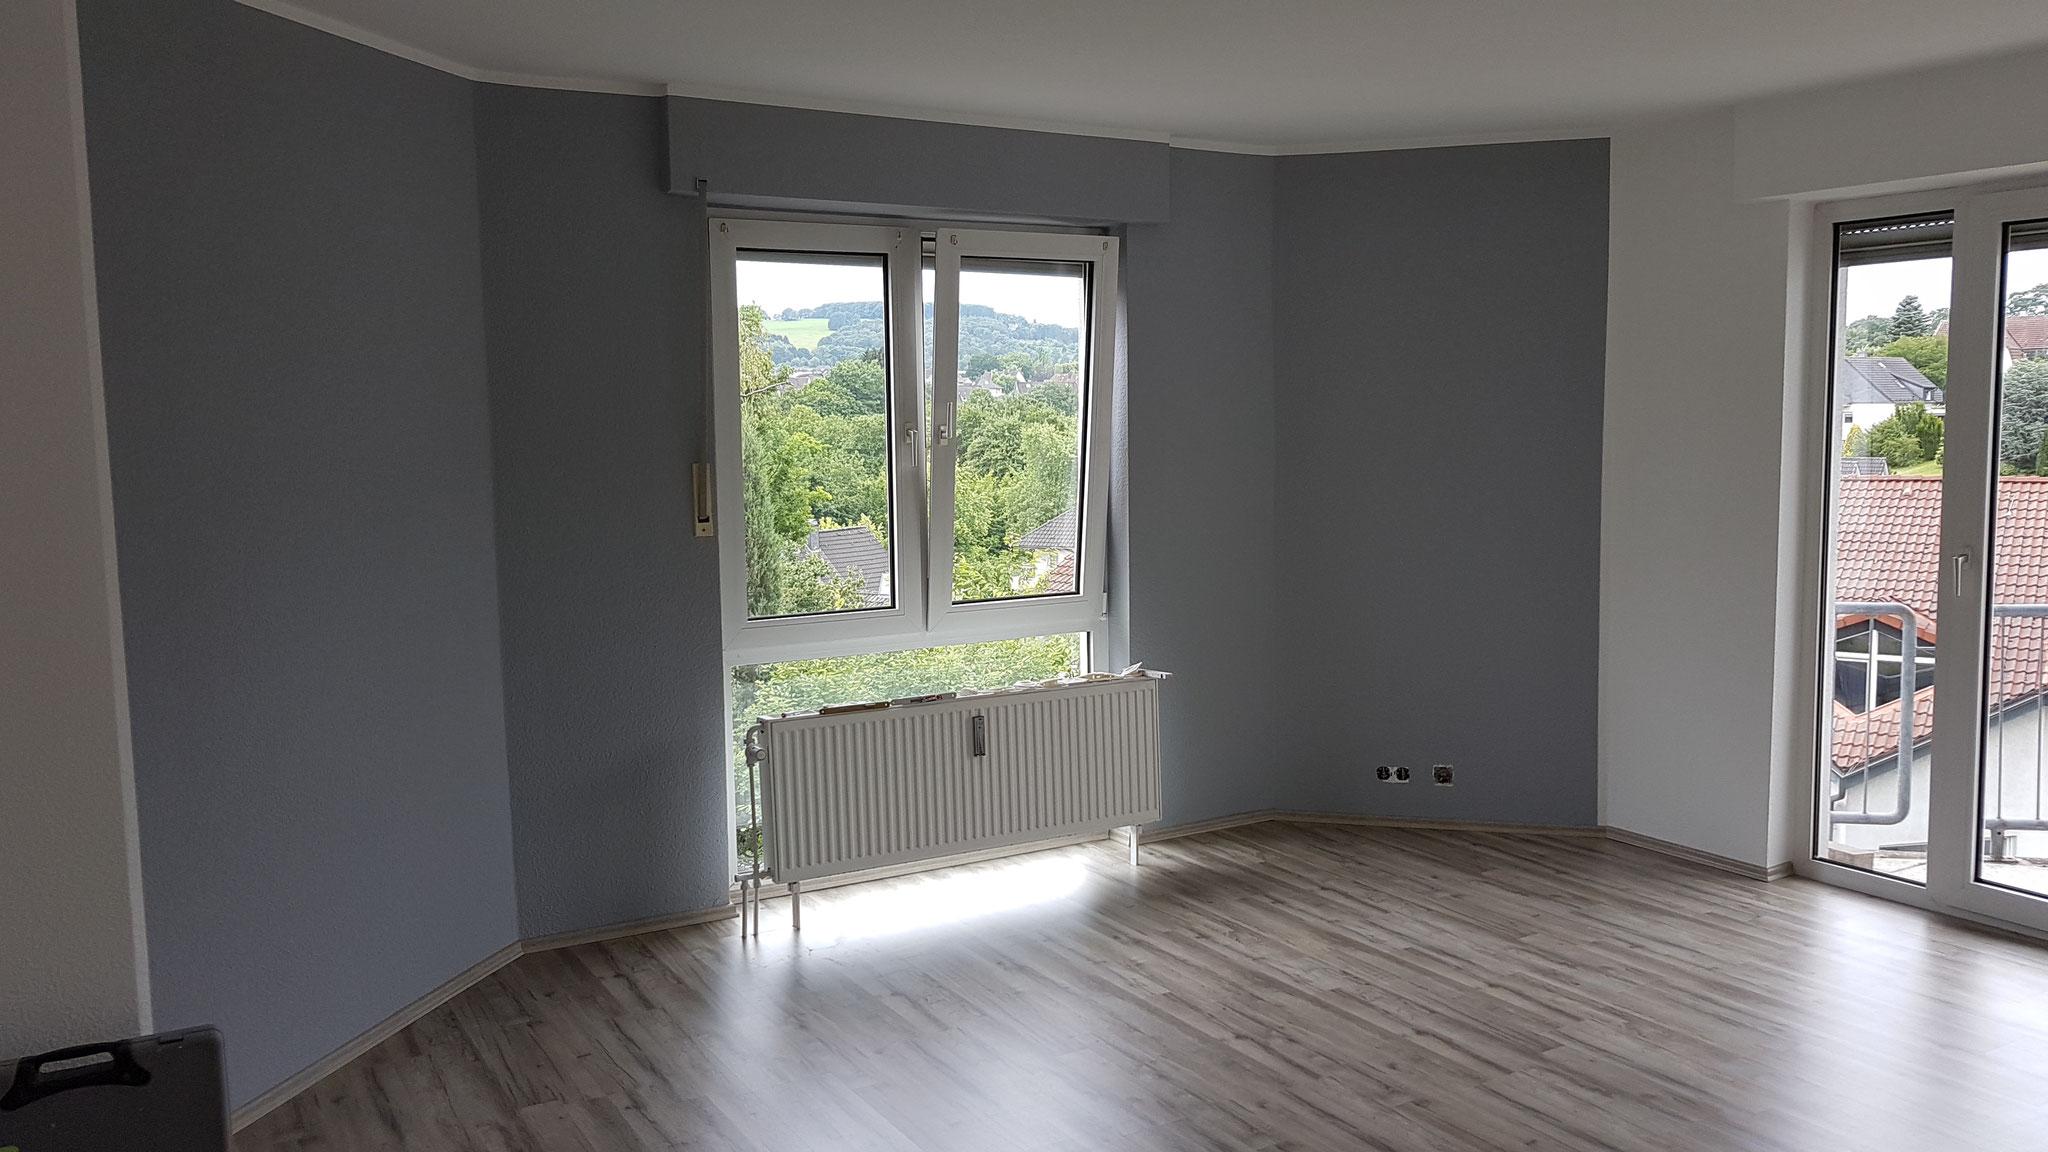 Nachher - Wohnzimmer mit neuem Boden und nach Kundenwunsch gestrichen